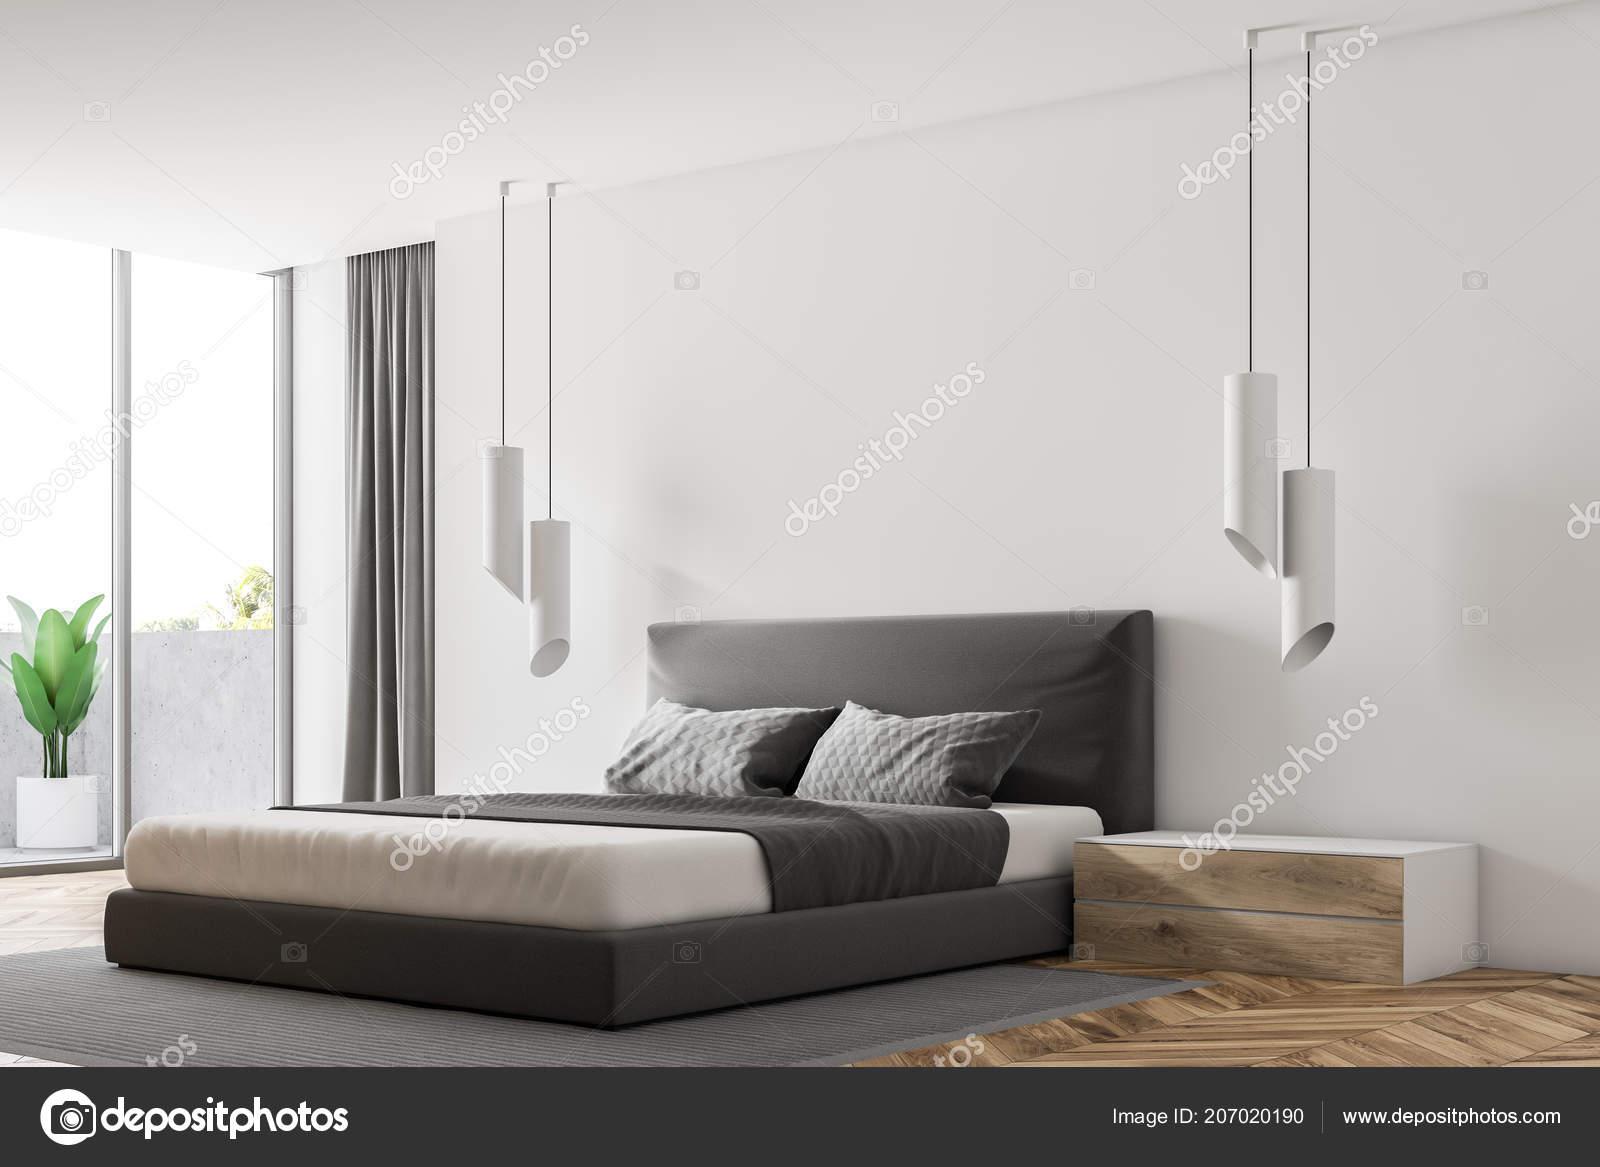 Narożnik Sypialnia Luksusowe Białe ściany Drewniane Podłogi